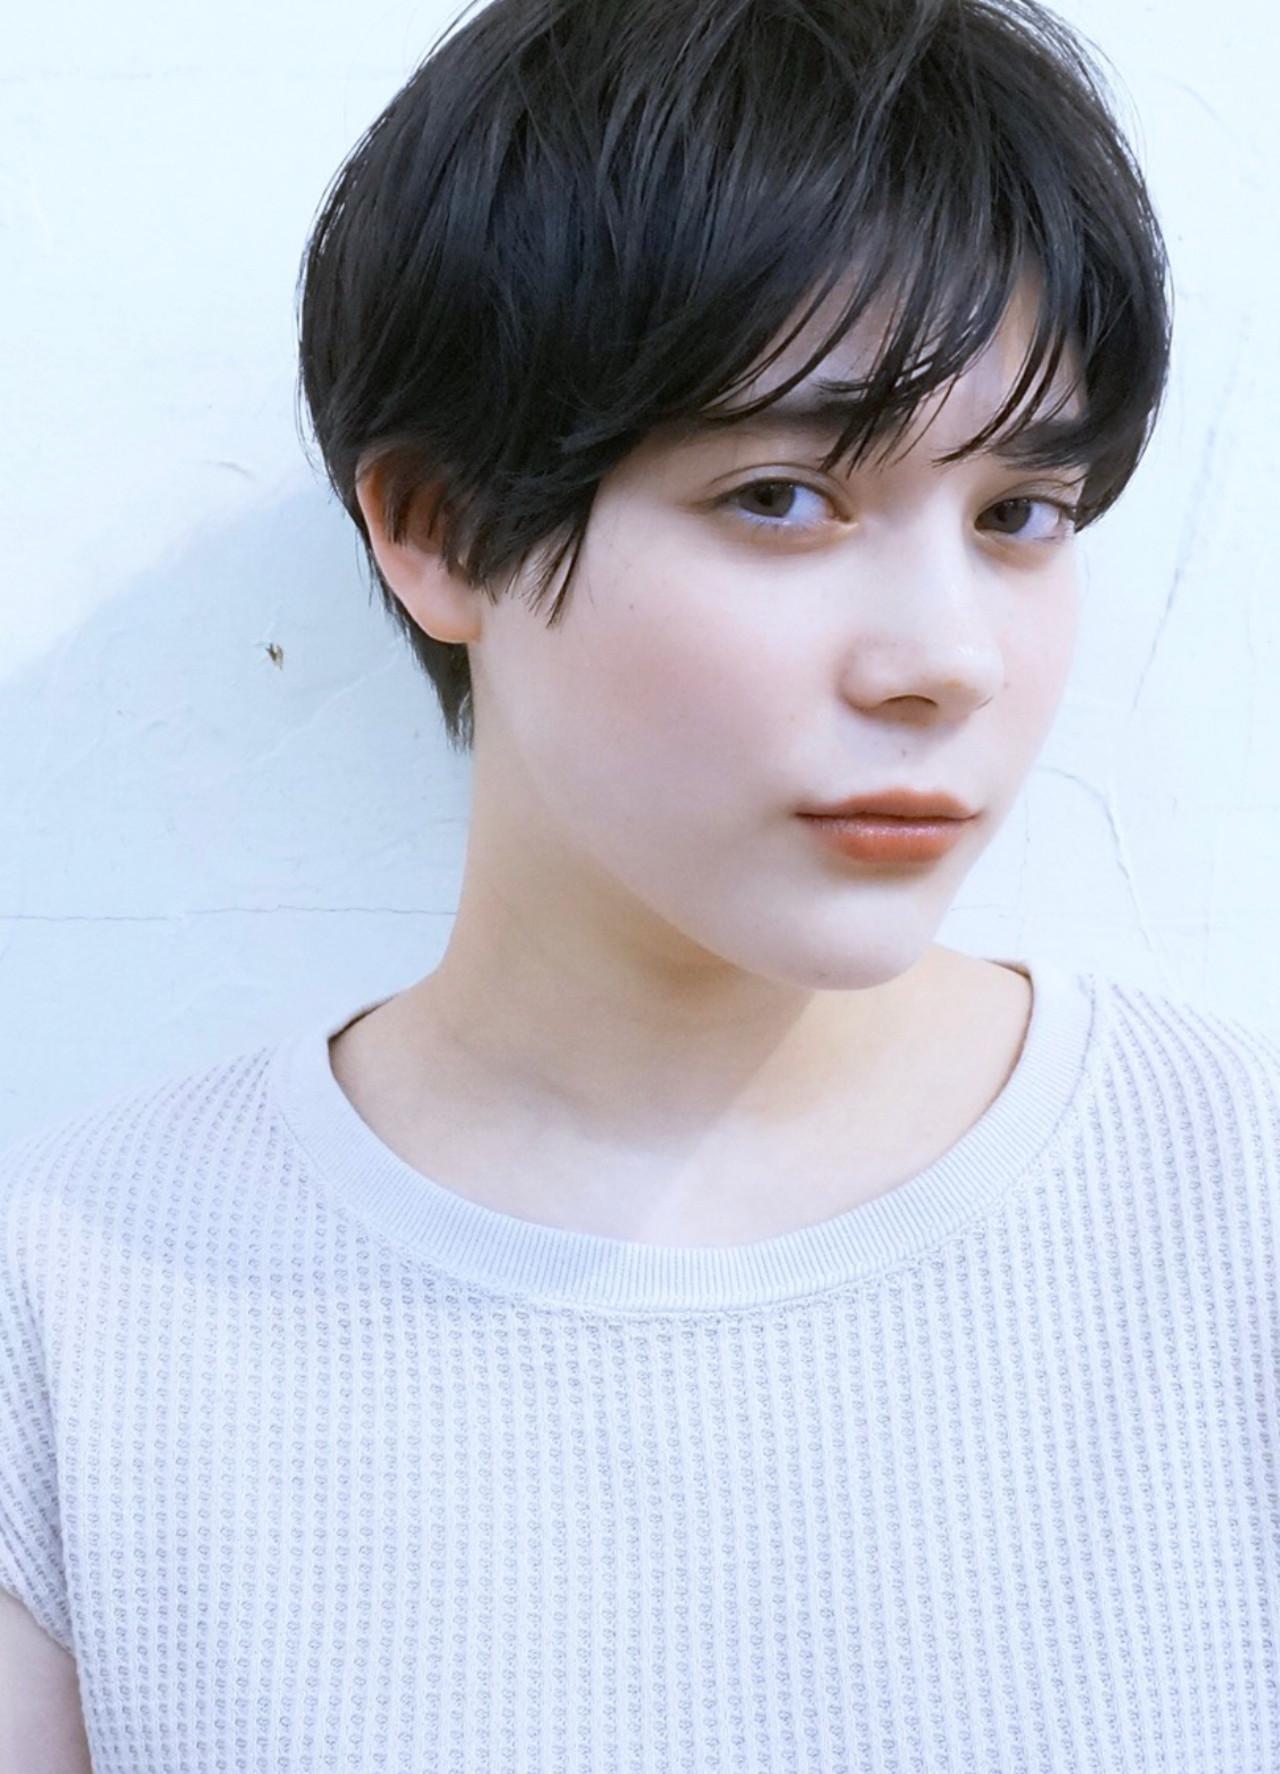 黒髪ショート 大人かわいい ショート ナチュラル ヘアスタイルや髪型の写真・画像